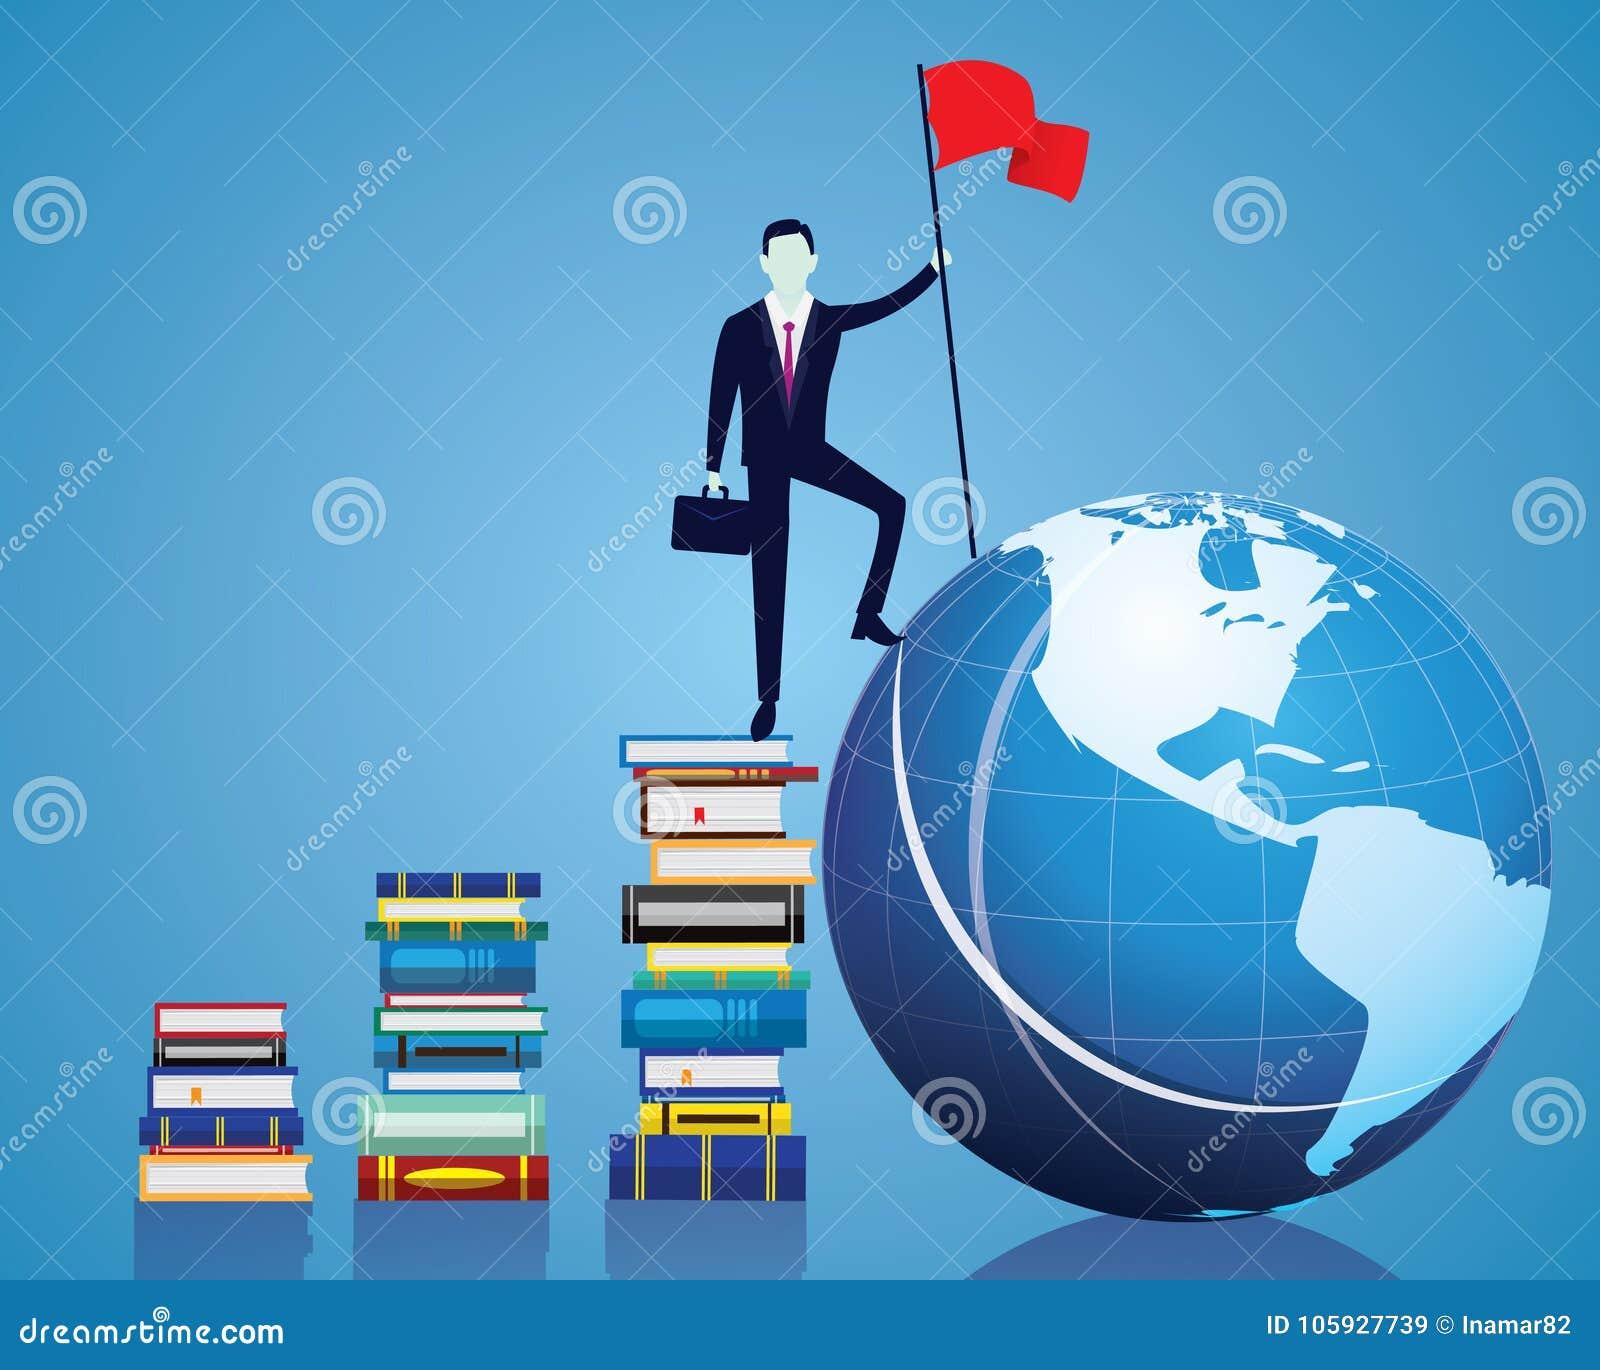 Ο επιχειρηματίας κατακτά το εμπόδιο, κυβερνά τον κόσμο με τη γνώση